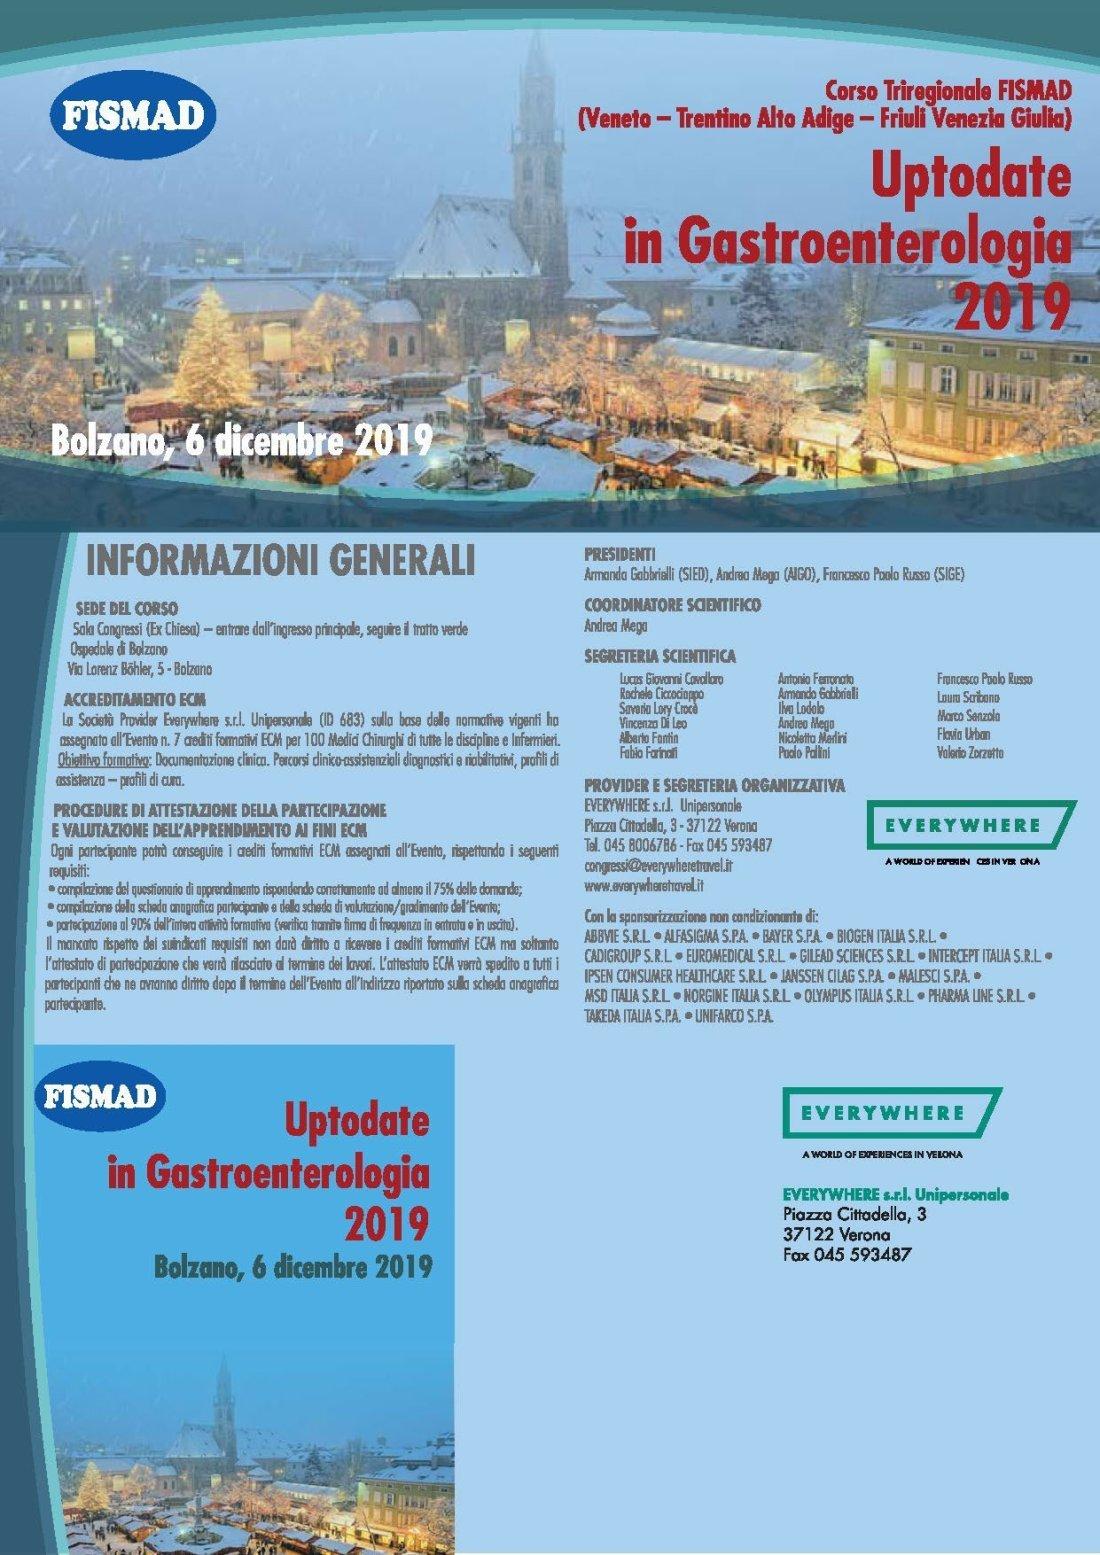 Corso Triregionale FISMAD (Veneto – Trentino Alto Adige – Friuli Venezia Giulia) Uptodate in Gastroenterologia 2019